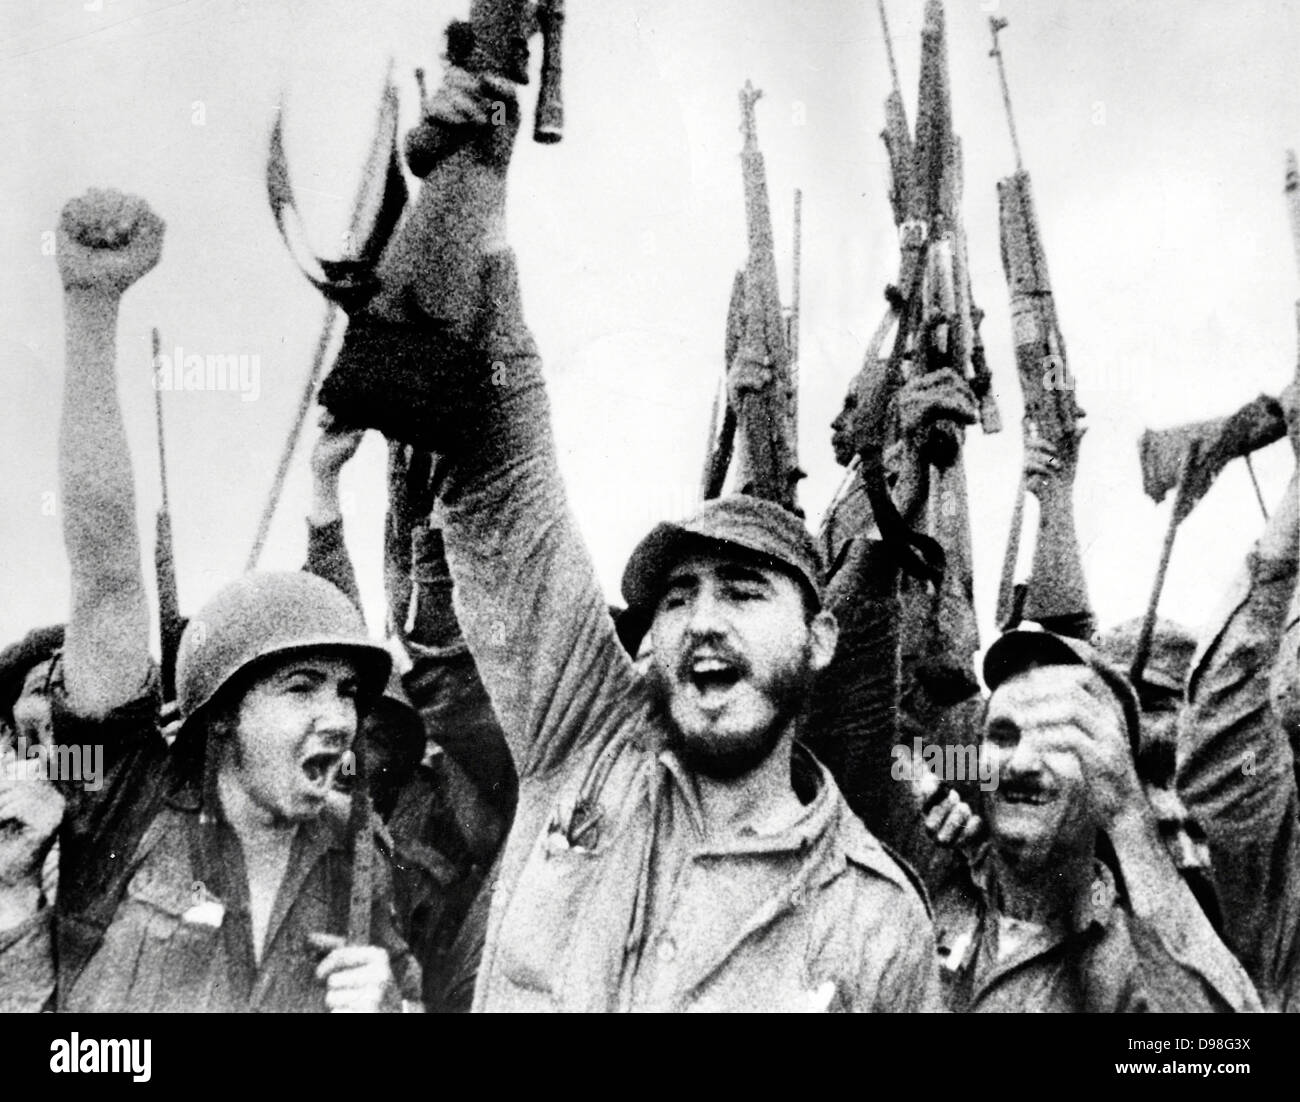 Fidel Alejandro Castro Ruz (nacido el 13 de agosto de 1926) es un político de Cuba comunista n Imagen De Stock